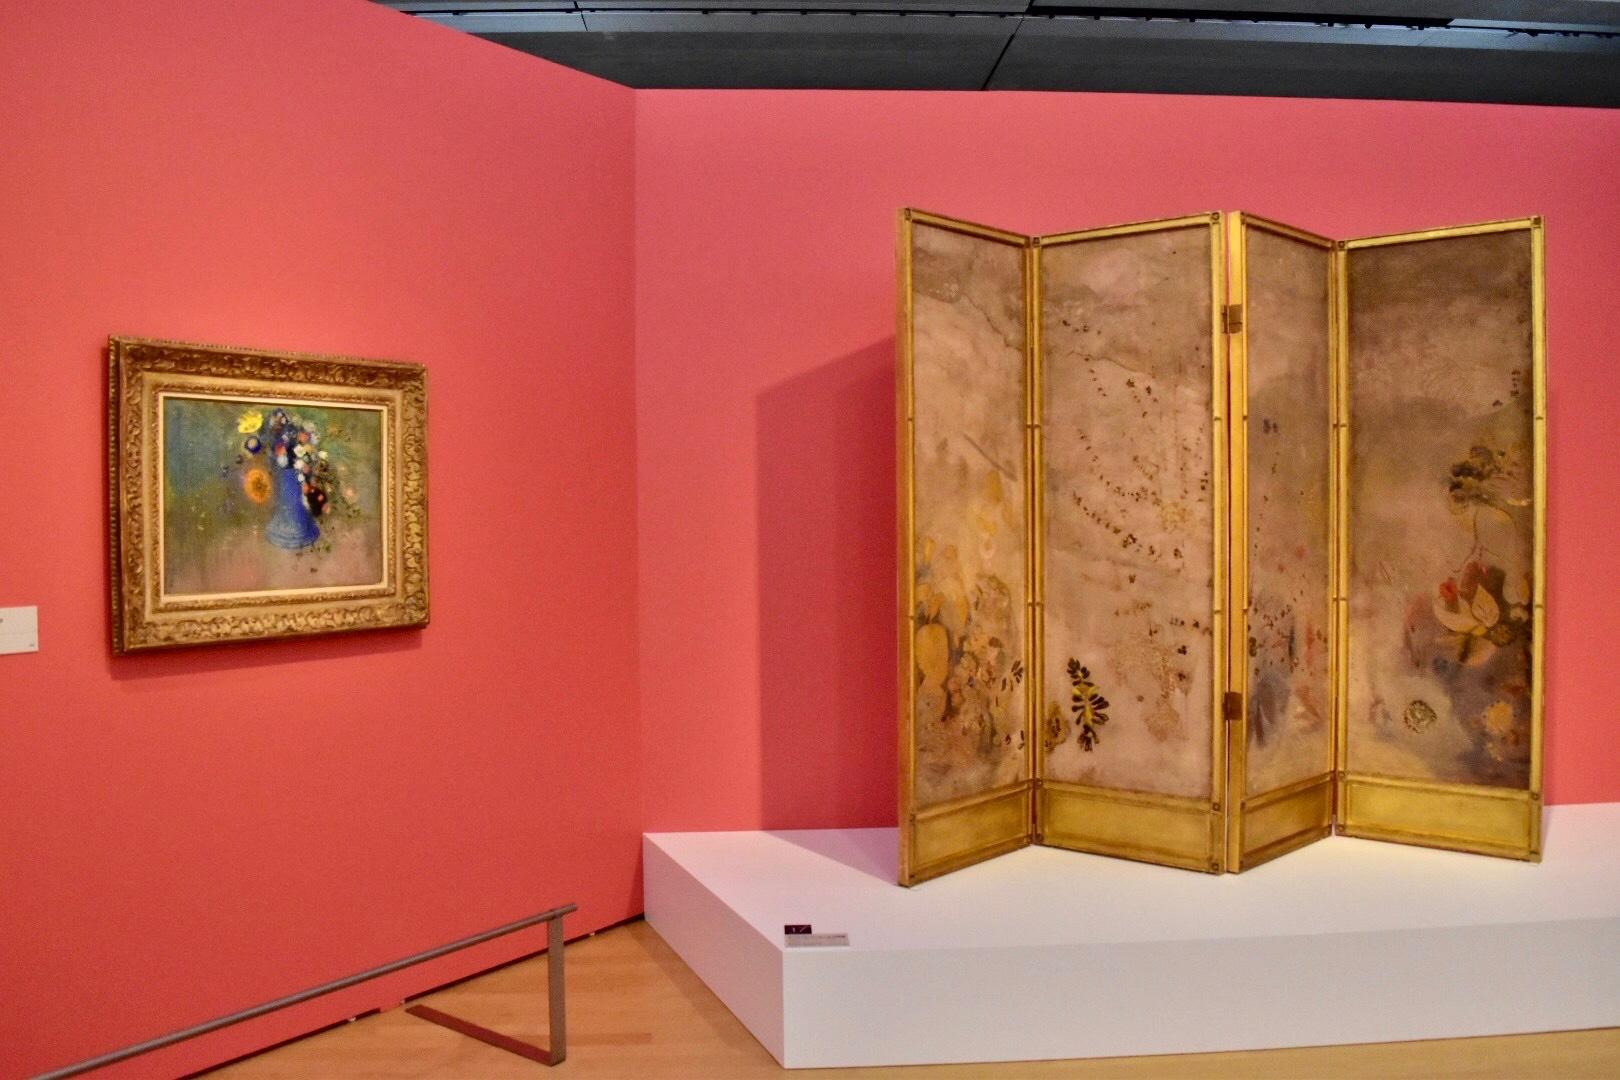 左:オディロン・ルドン 《青い花瓶の花々》1904年頃 岐阜県美術館 右:オディロン・ルドン 《オリヴィエ・サンセールの屏風》1903年 岐阜県美術館